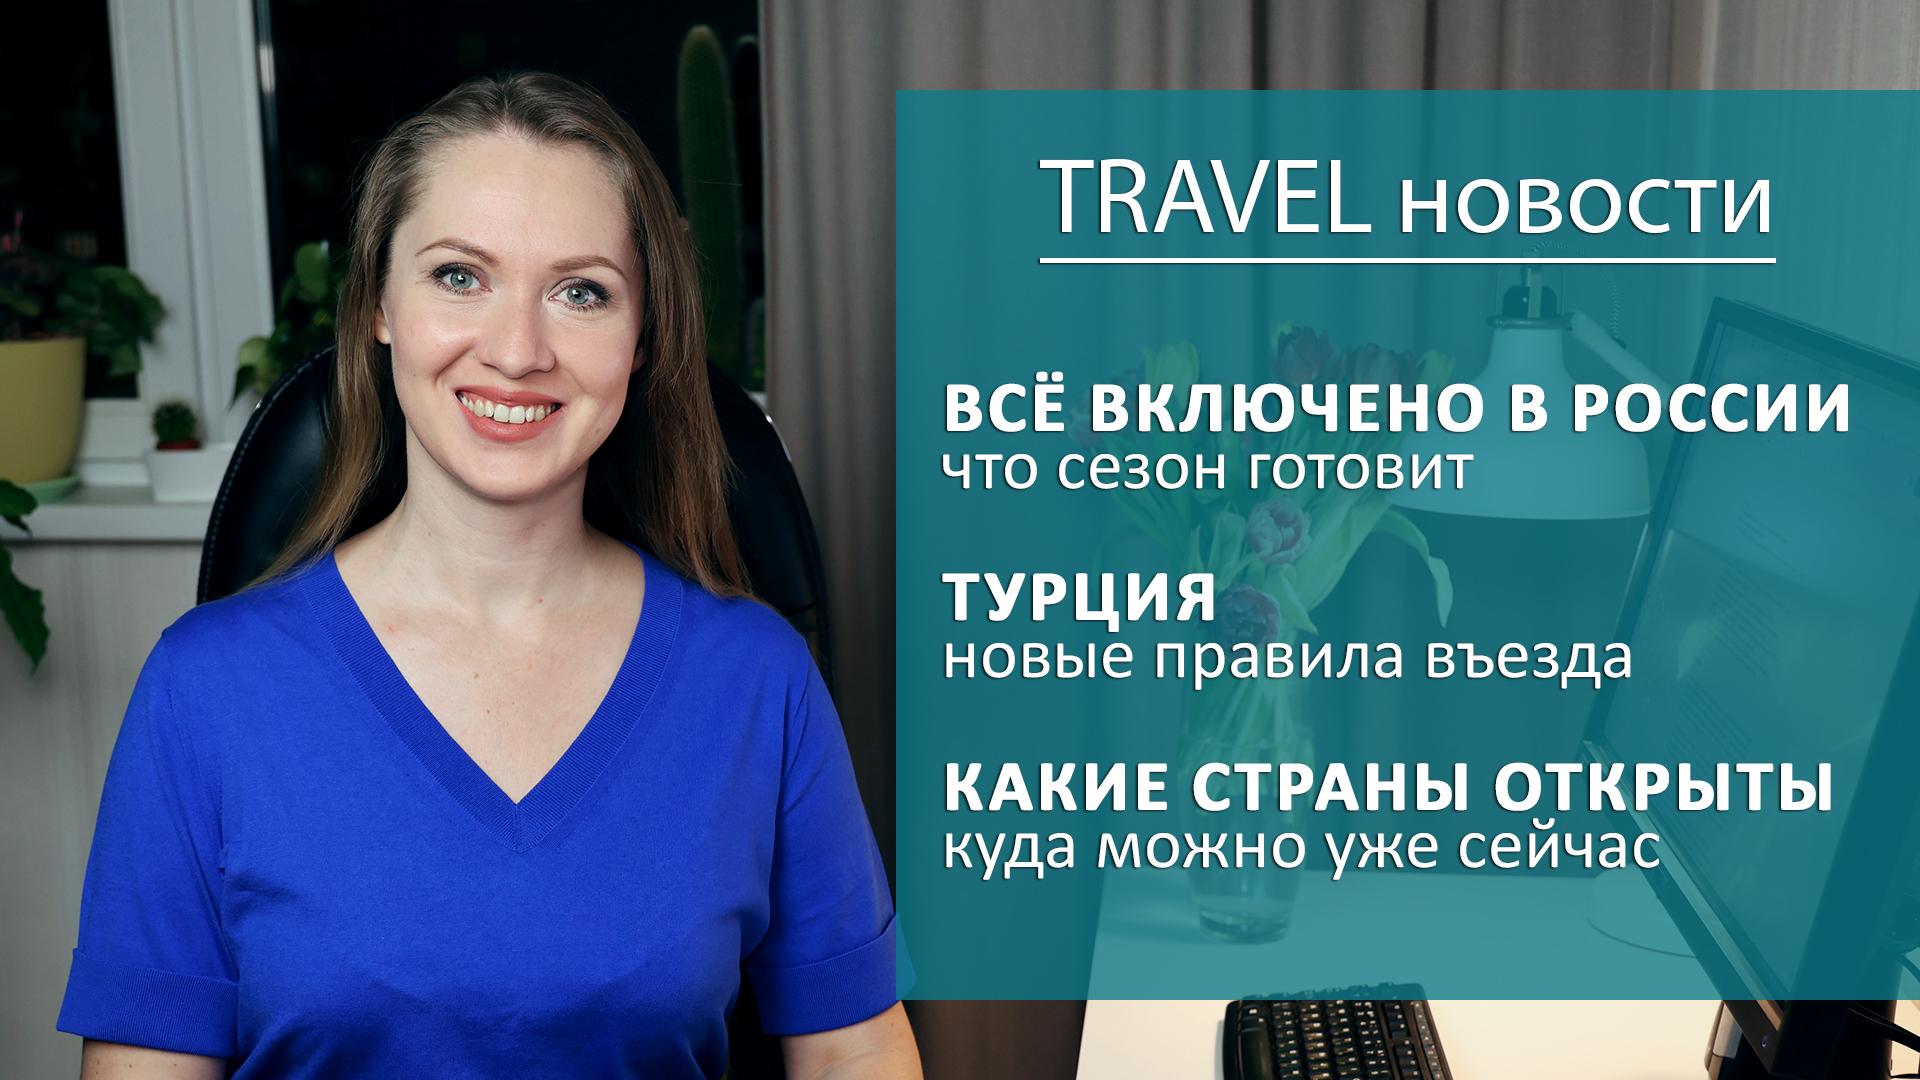 Travel новости: сезон в России, Турция ввела новые правила въезда, а также Греция, Тунис, Куба, Черногория, и другие страны